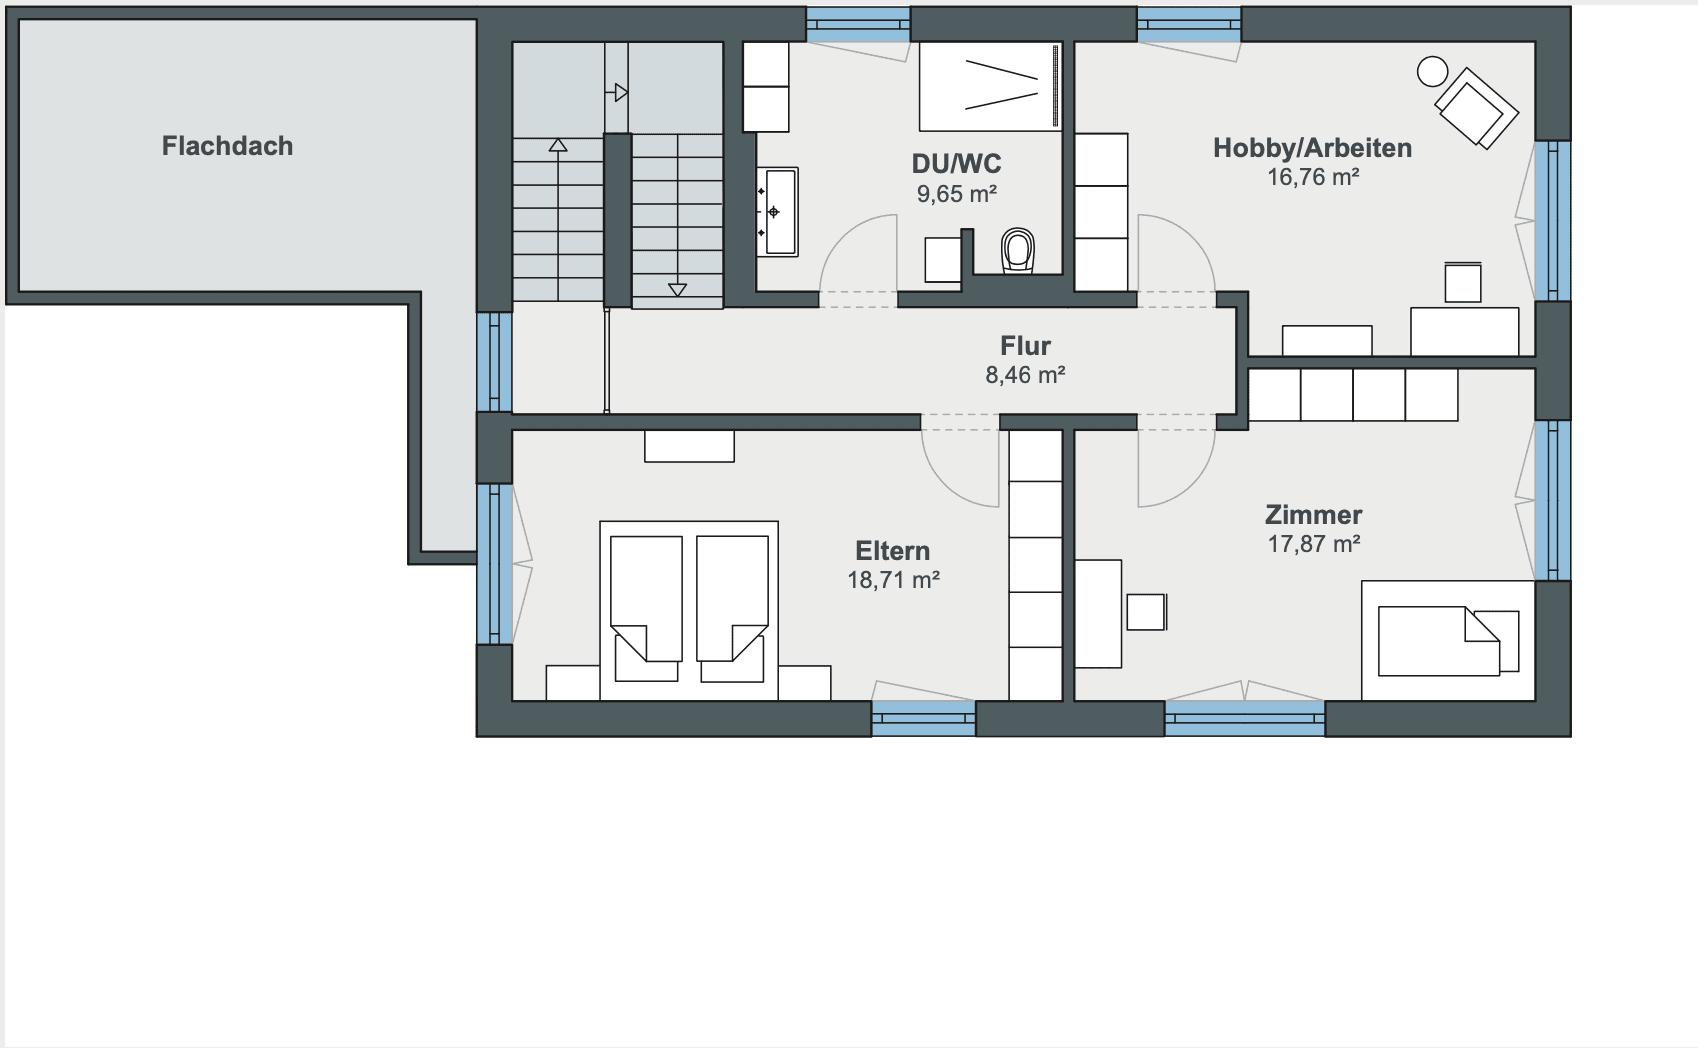 Einfamilienhaus Grundriss Obergeschoss rechteckig mit Satteldach, 3 Zimmer - Haus Design Ideen Fertighaus Sunshine 220 WeberHaus - HausbauDirekt.de